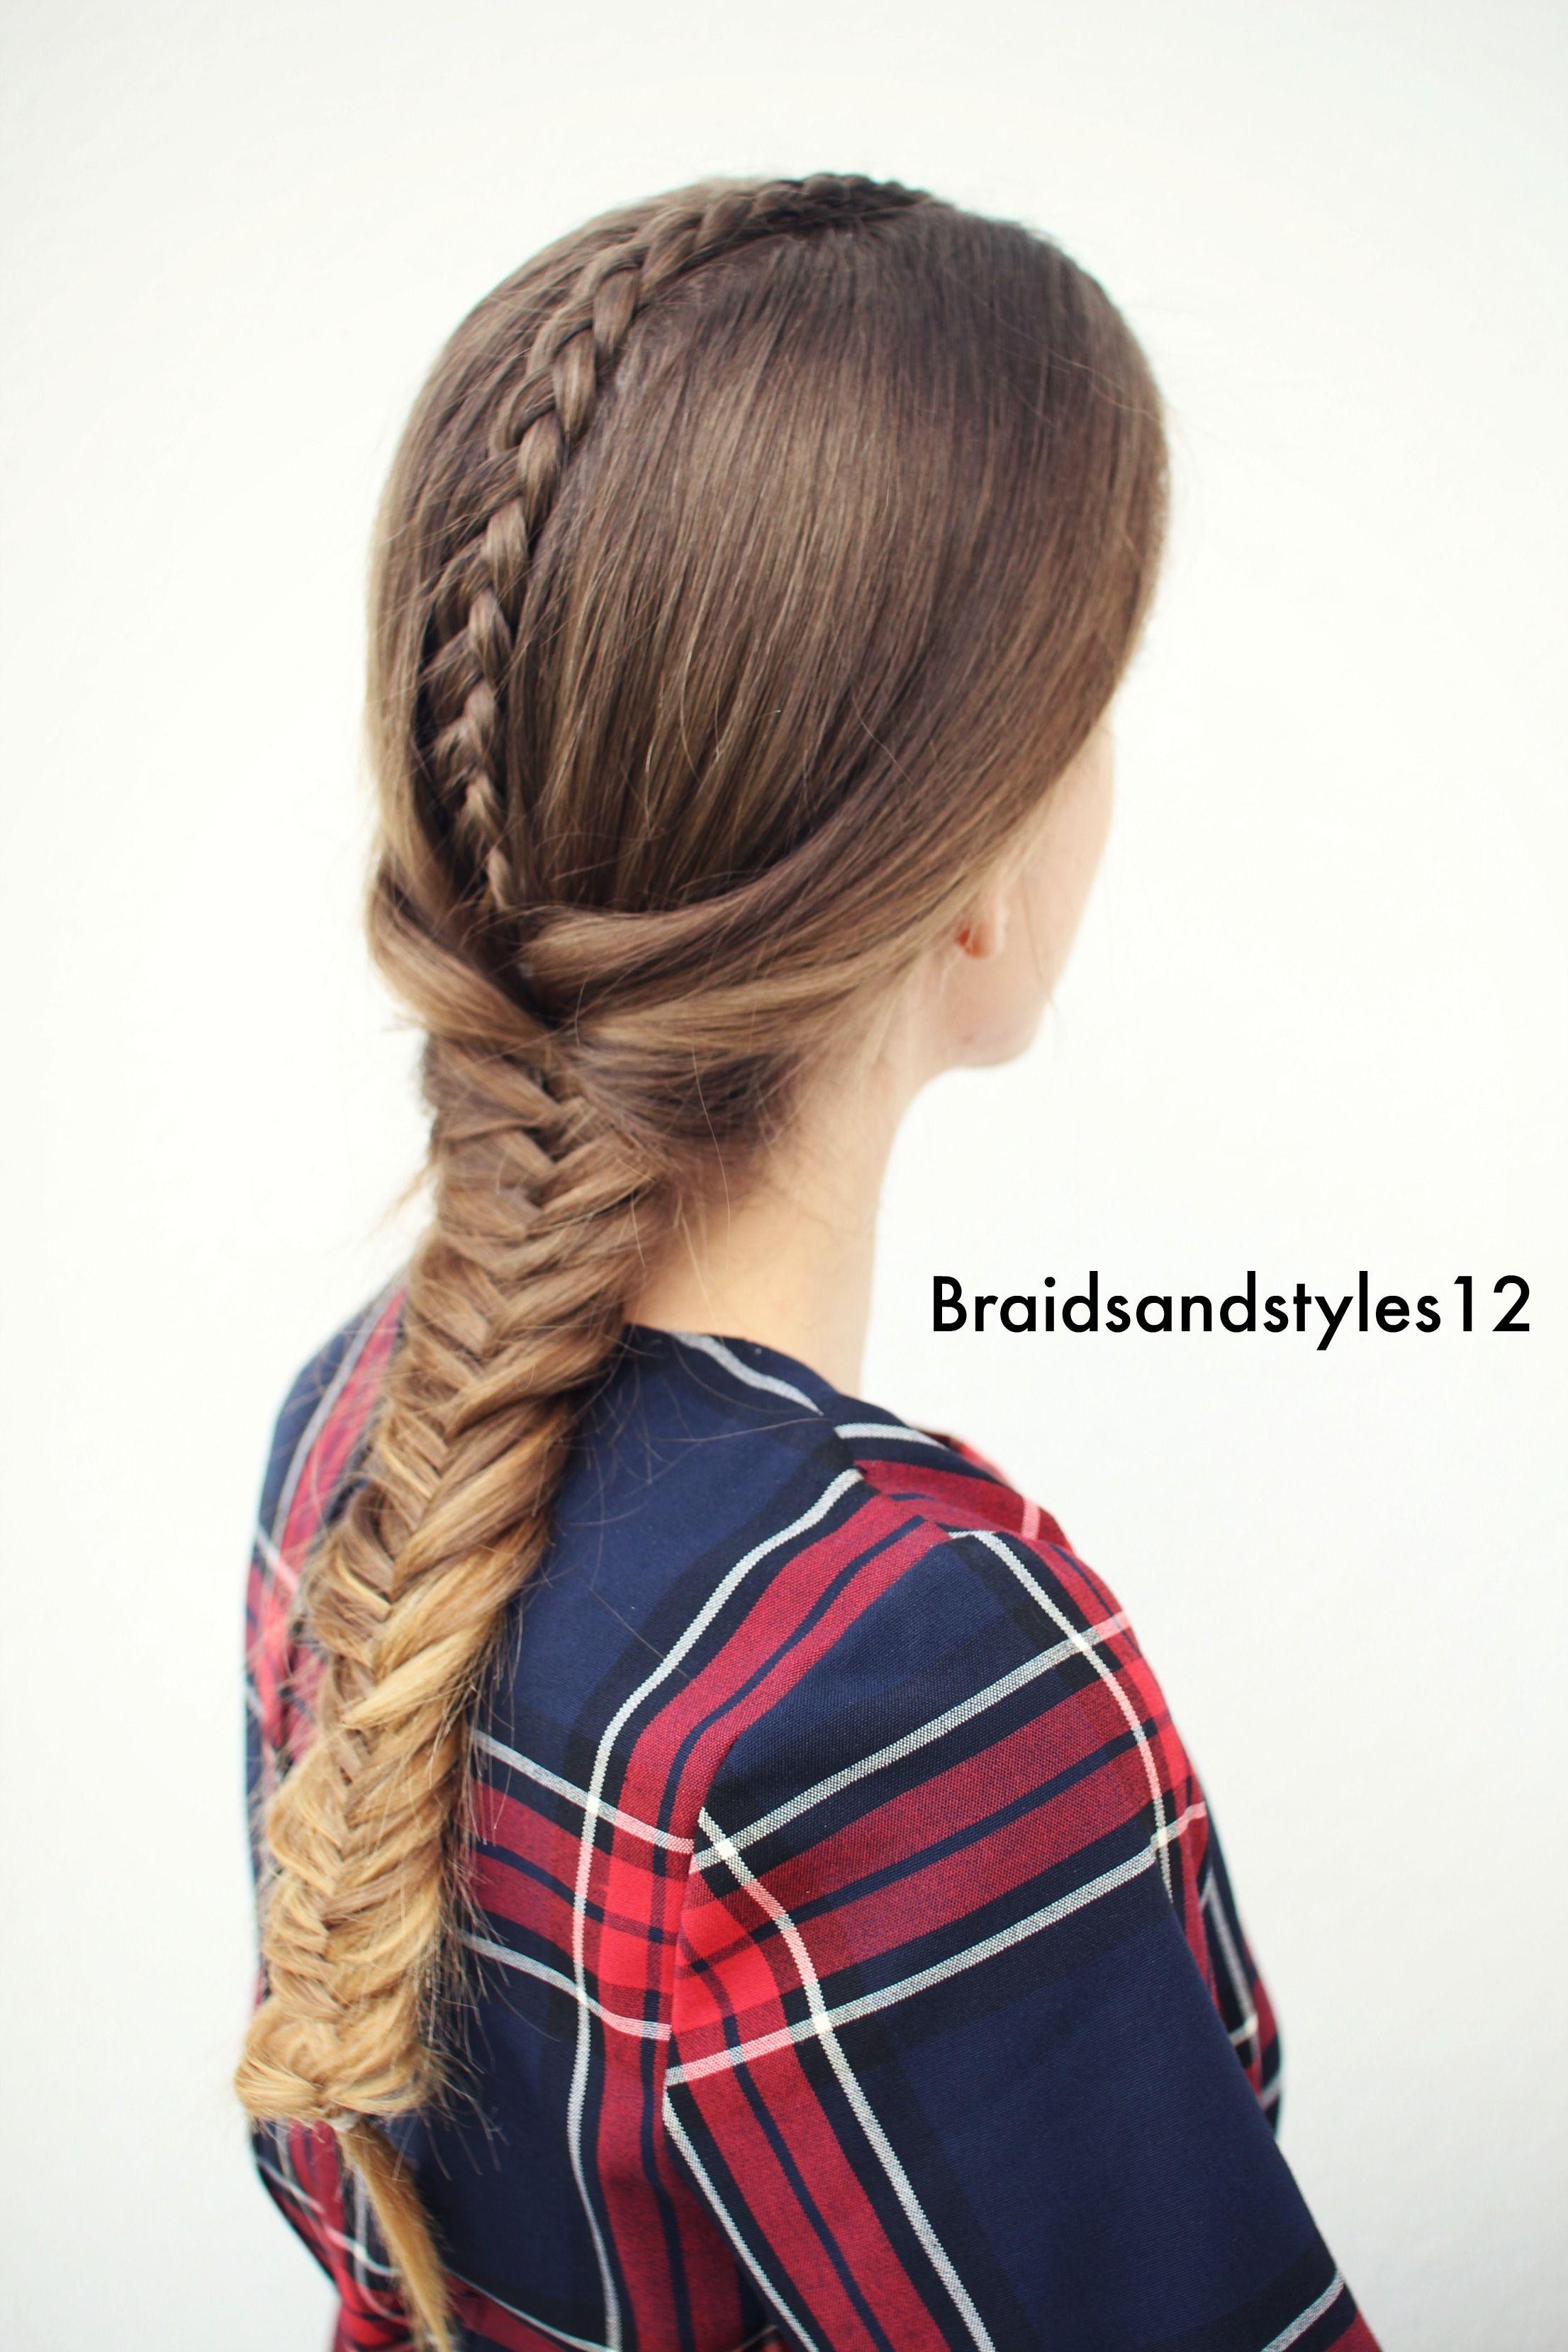 Braidsandstyles12   Hair styles, Braided hairstyles, Diy hairstyles